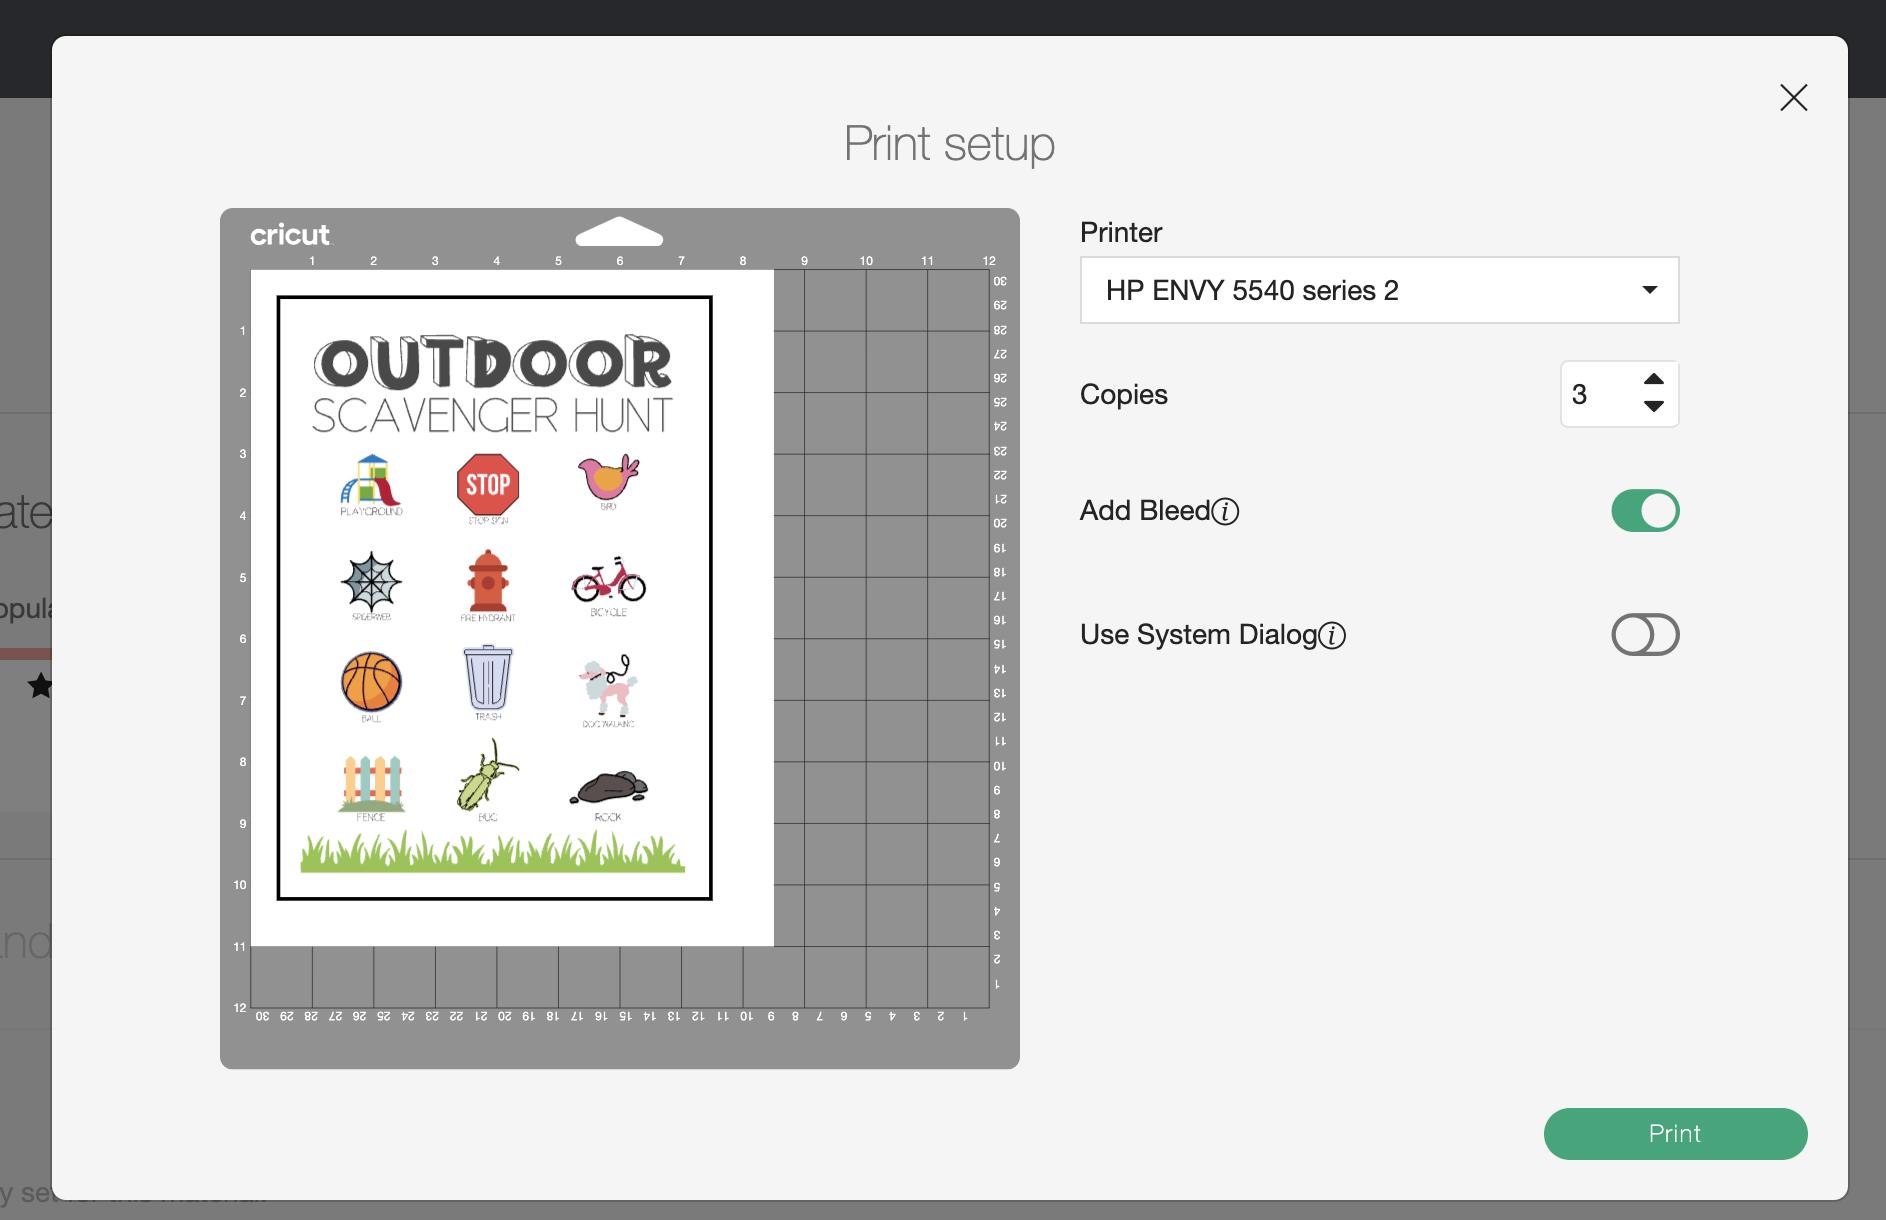 screenshot of the print screen in Cricut Design Space